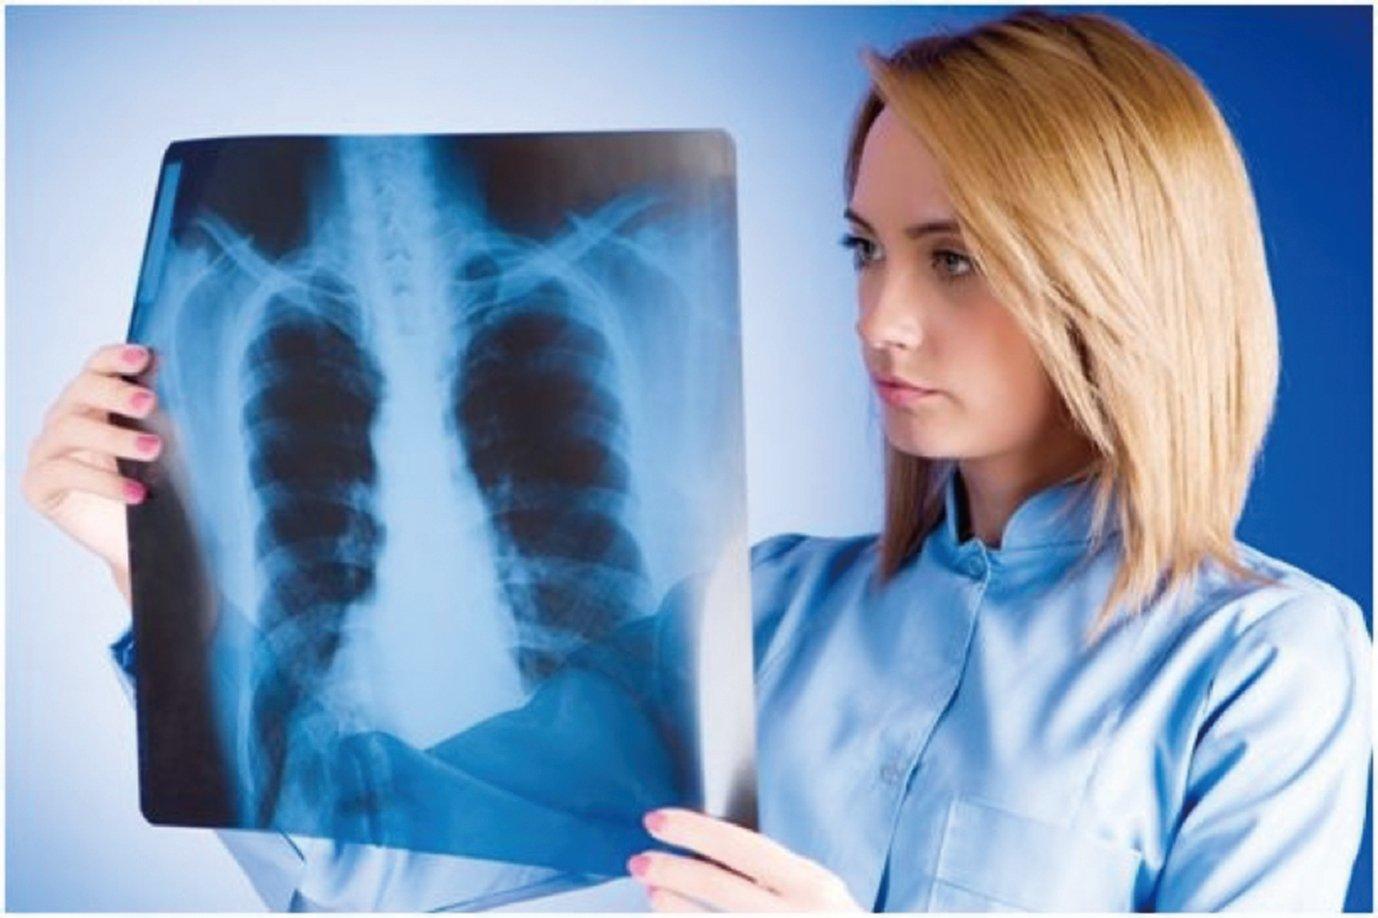 霧曦致癌,大陸霧霾近年年癒合嚴重,影響範圍南下,嚴重影響本港,那麼對肺癌的預防,發現和治療也成為市民日益關注的問題。(的Fotolia)